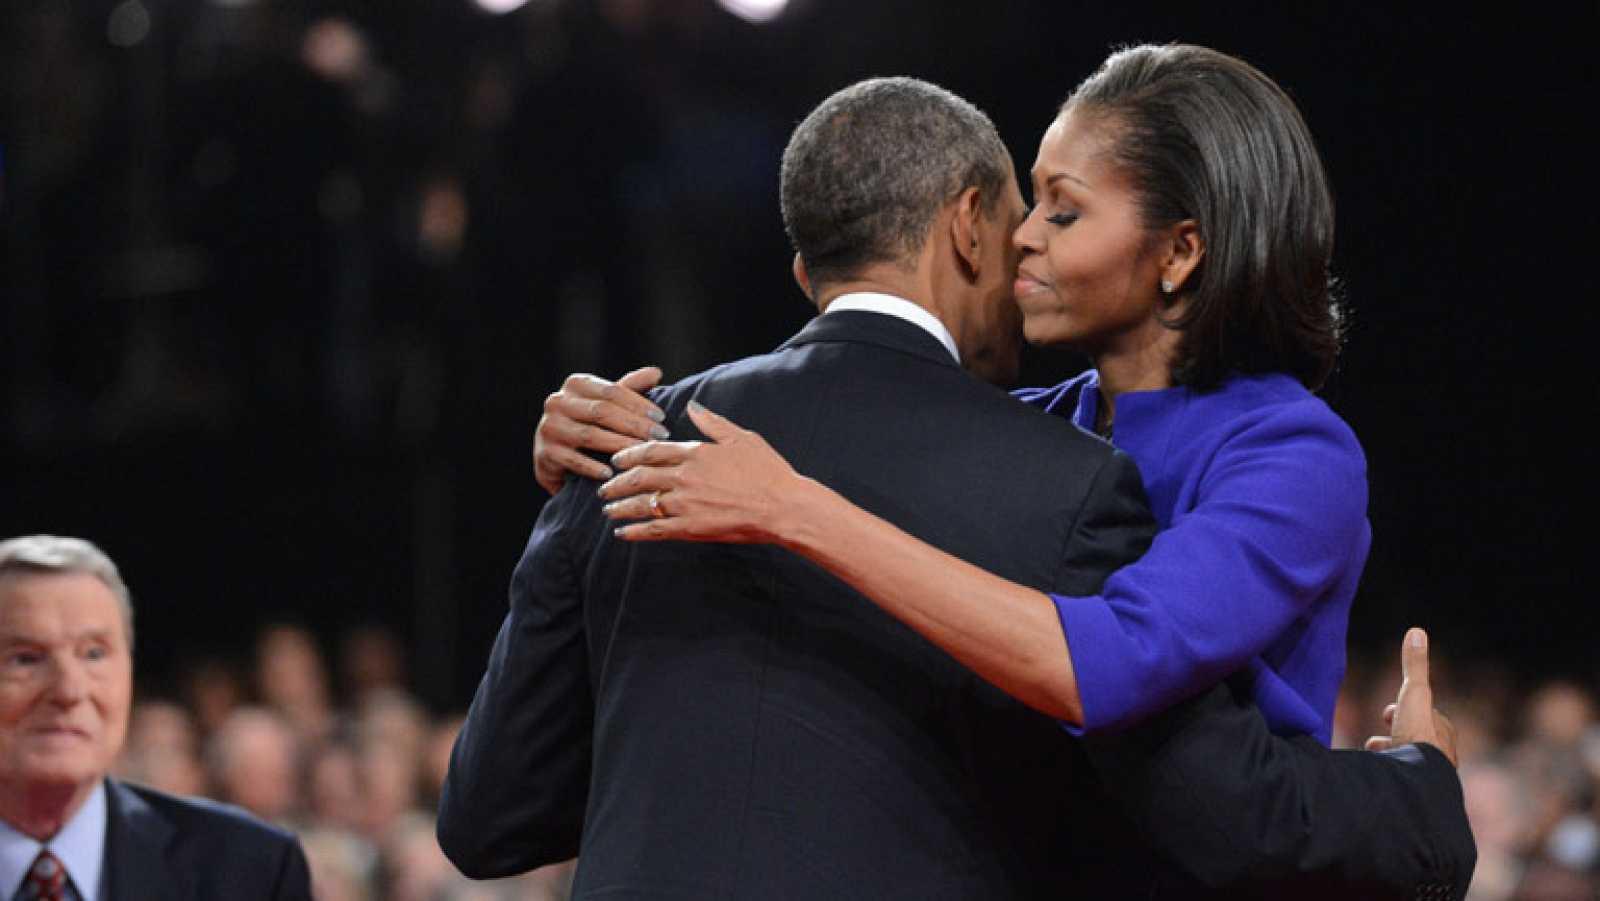 Obama felicita el aniversario de bodas a su esposa ante del debate